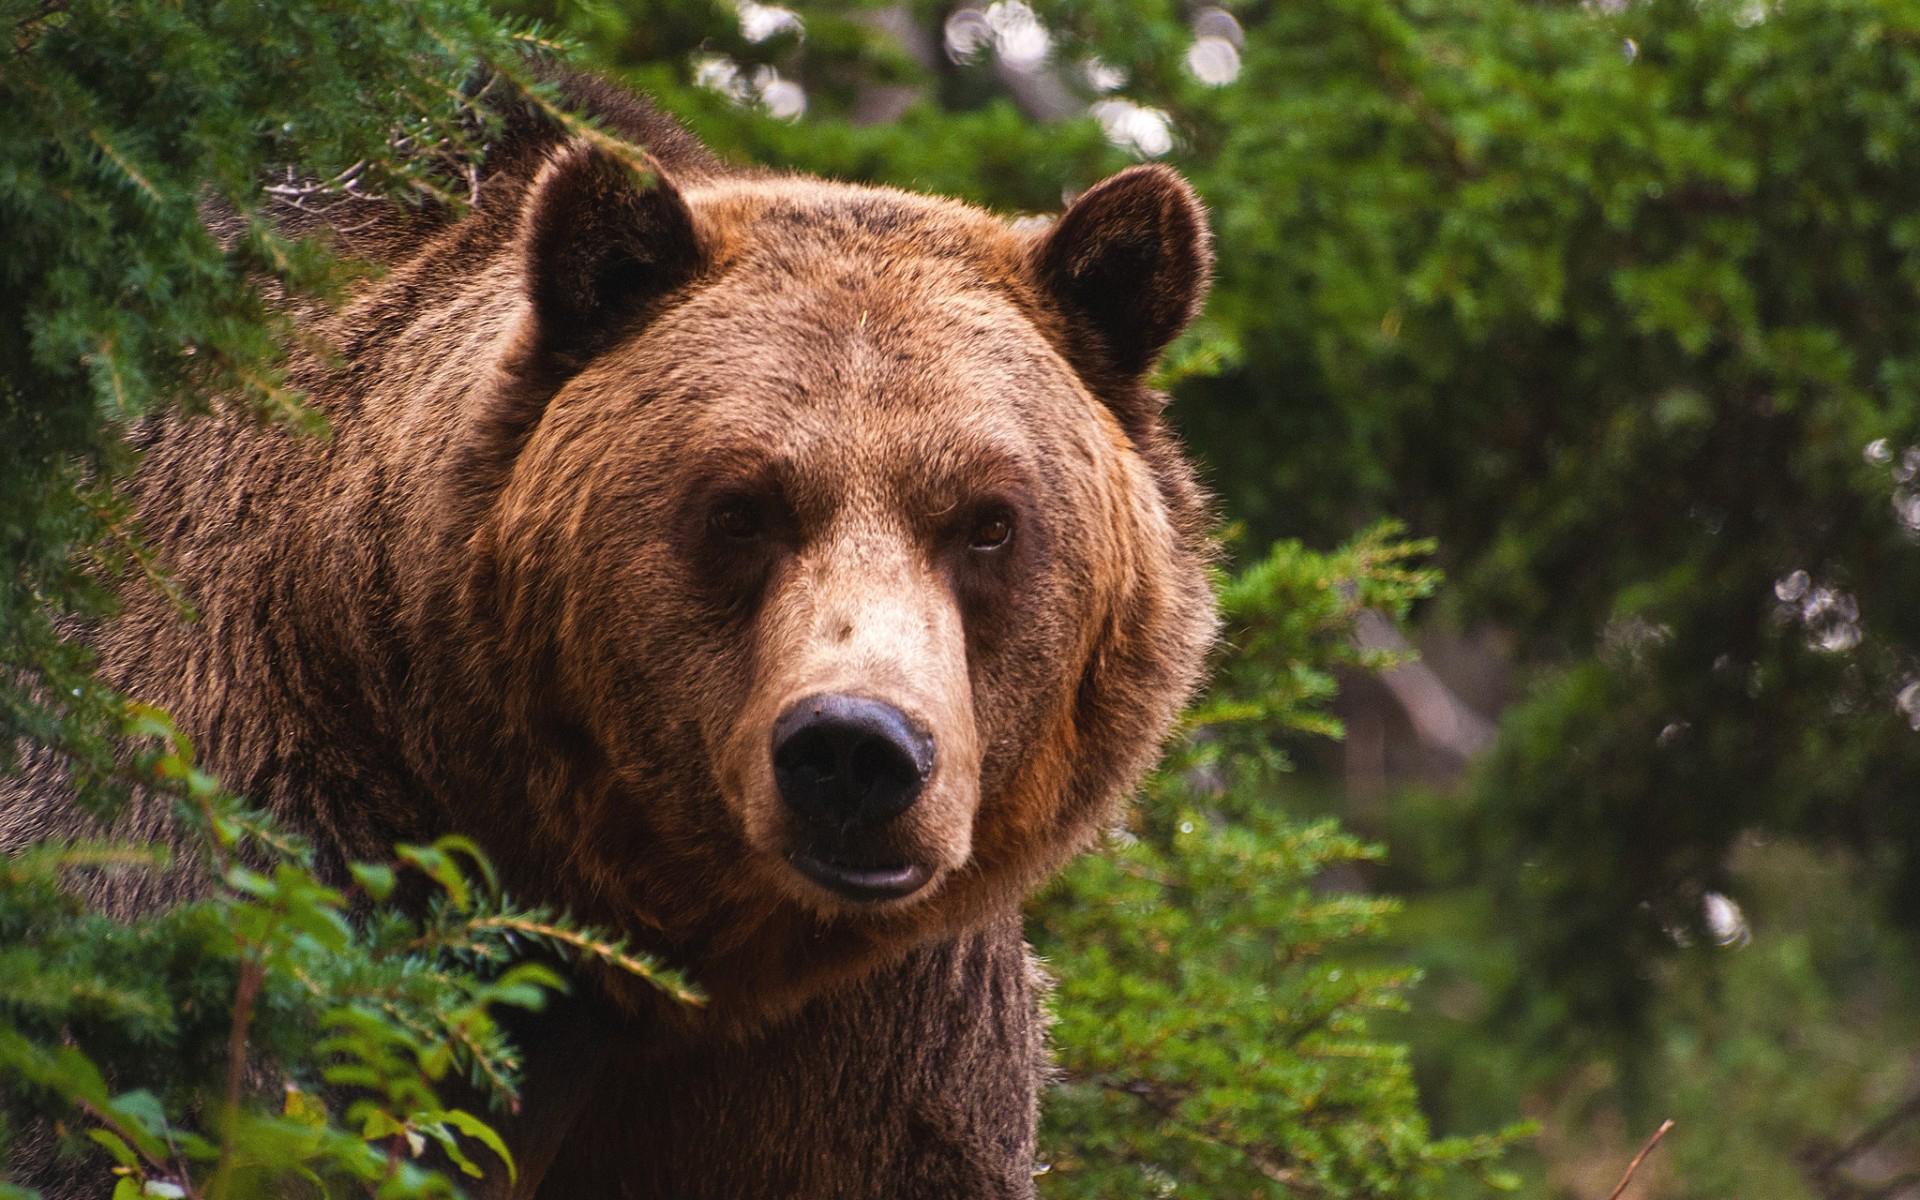 Медведь не виноват: специалисты рассказали, почему вятскополянский мишка напал на мужчину